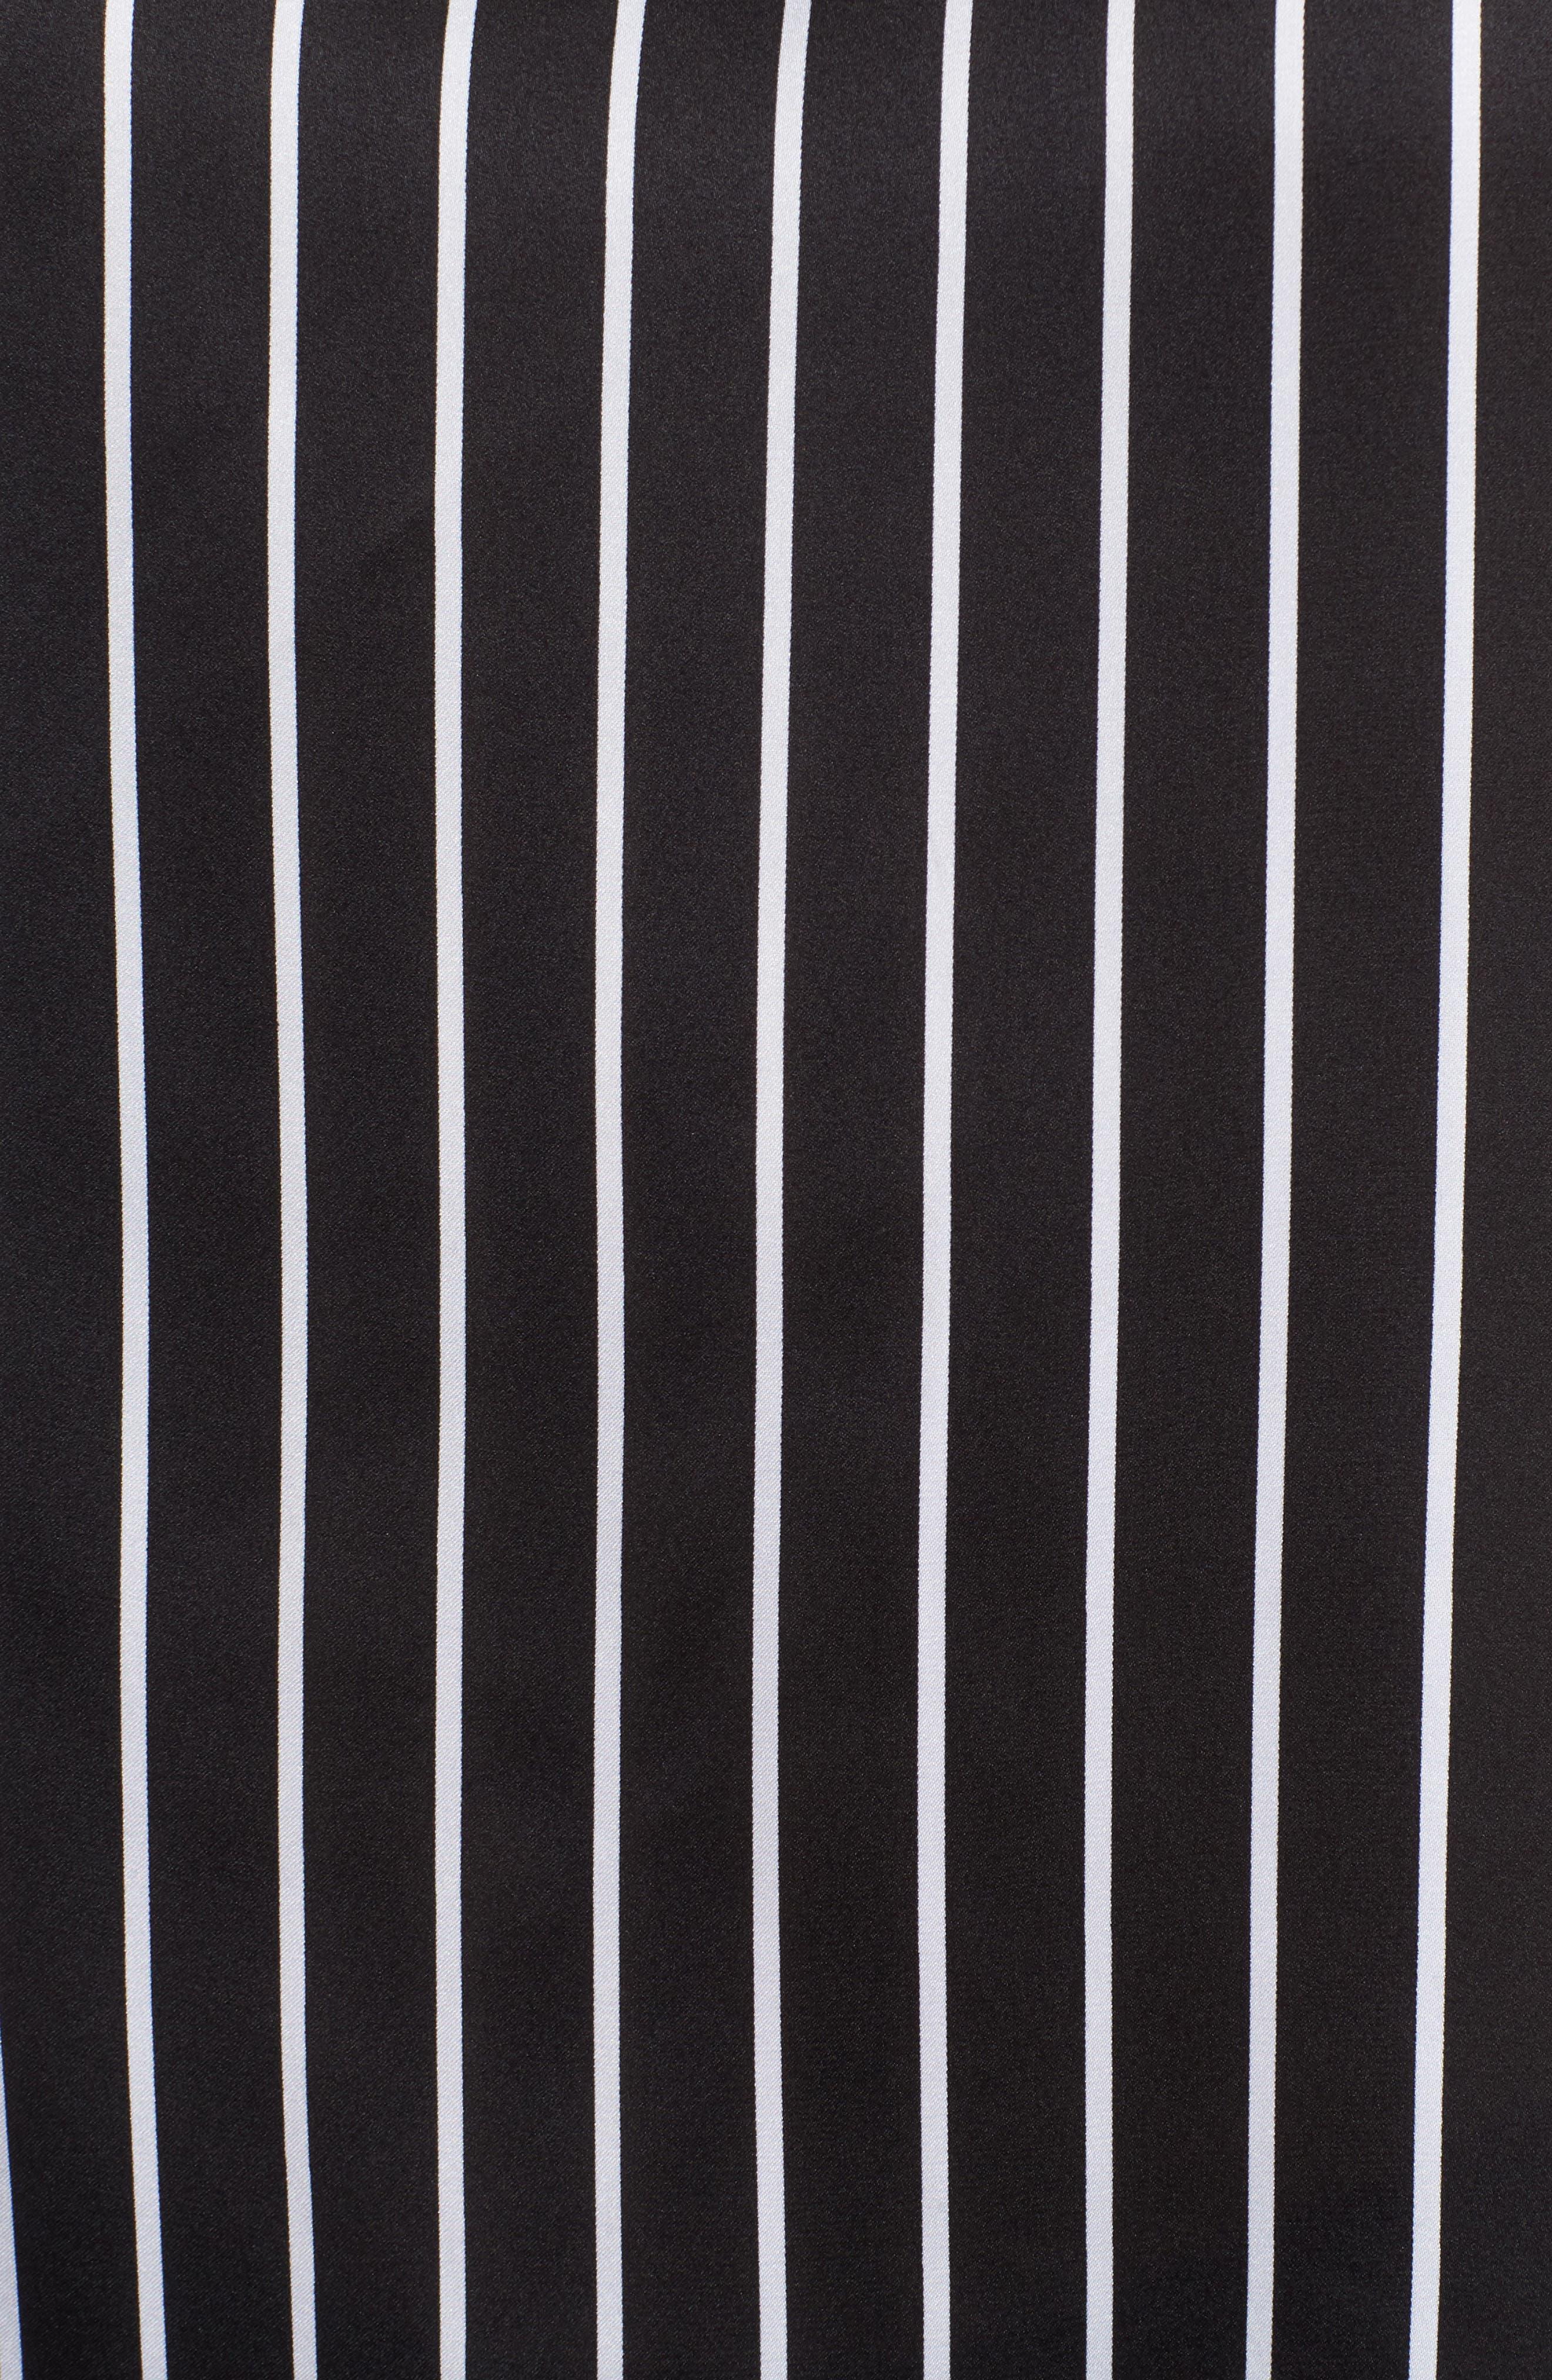 Circle Blouse,                             Alternate thumbnail 6, color,                             Street Stripe Black